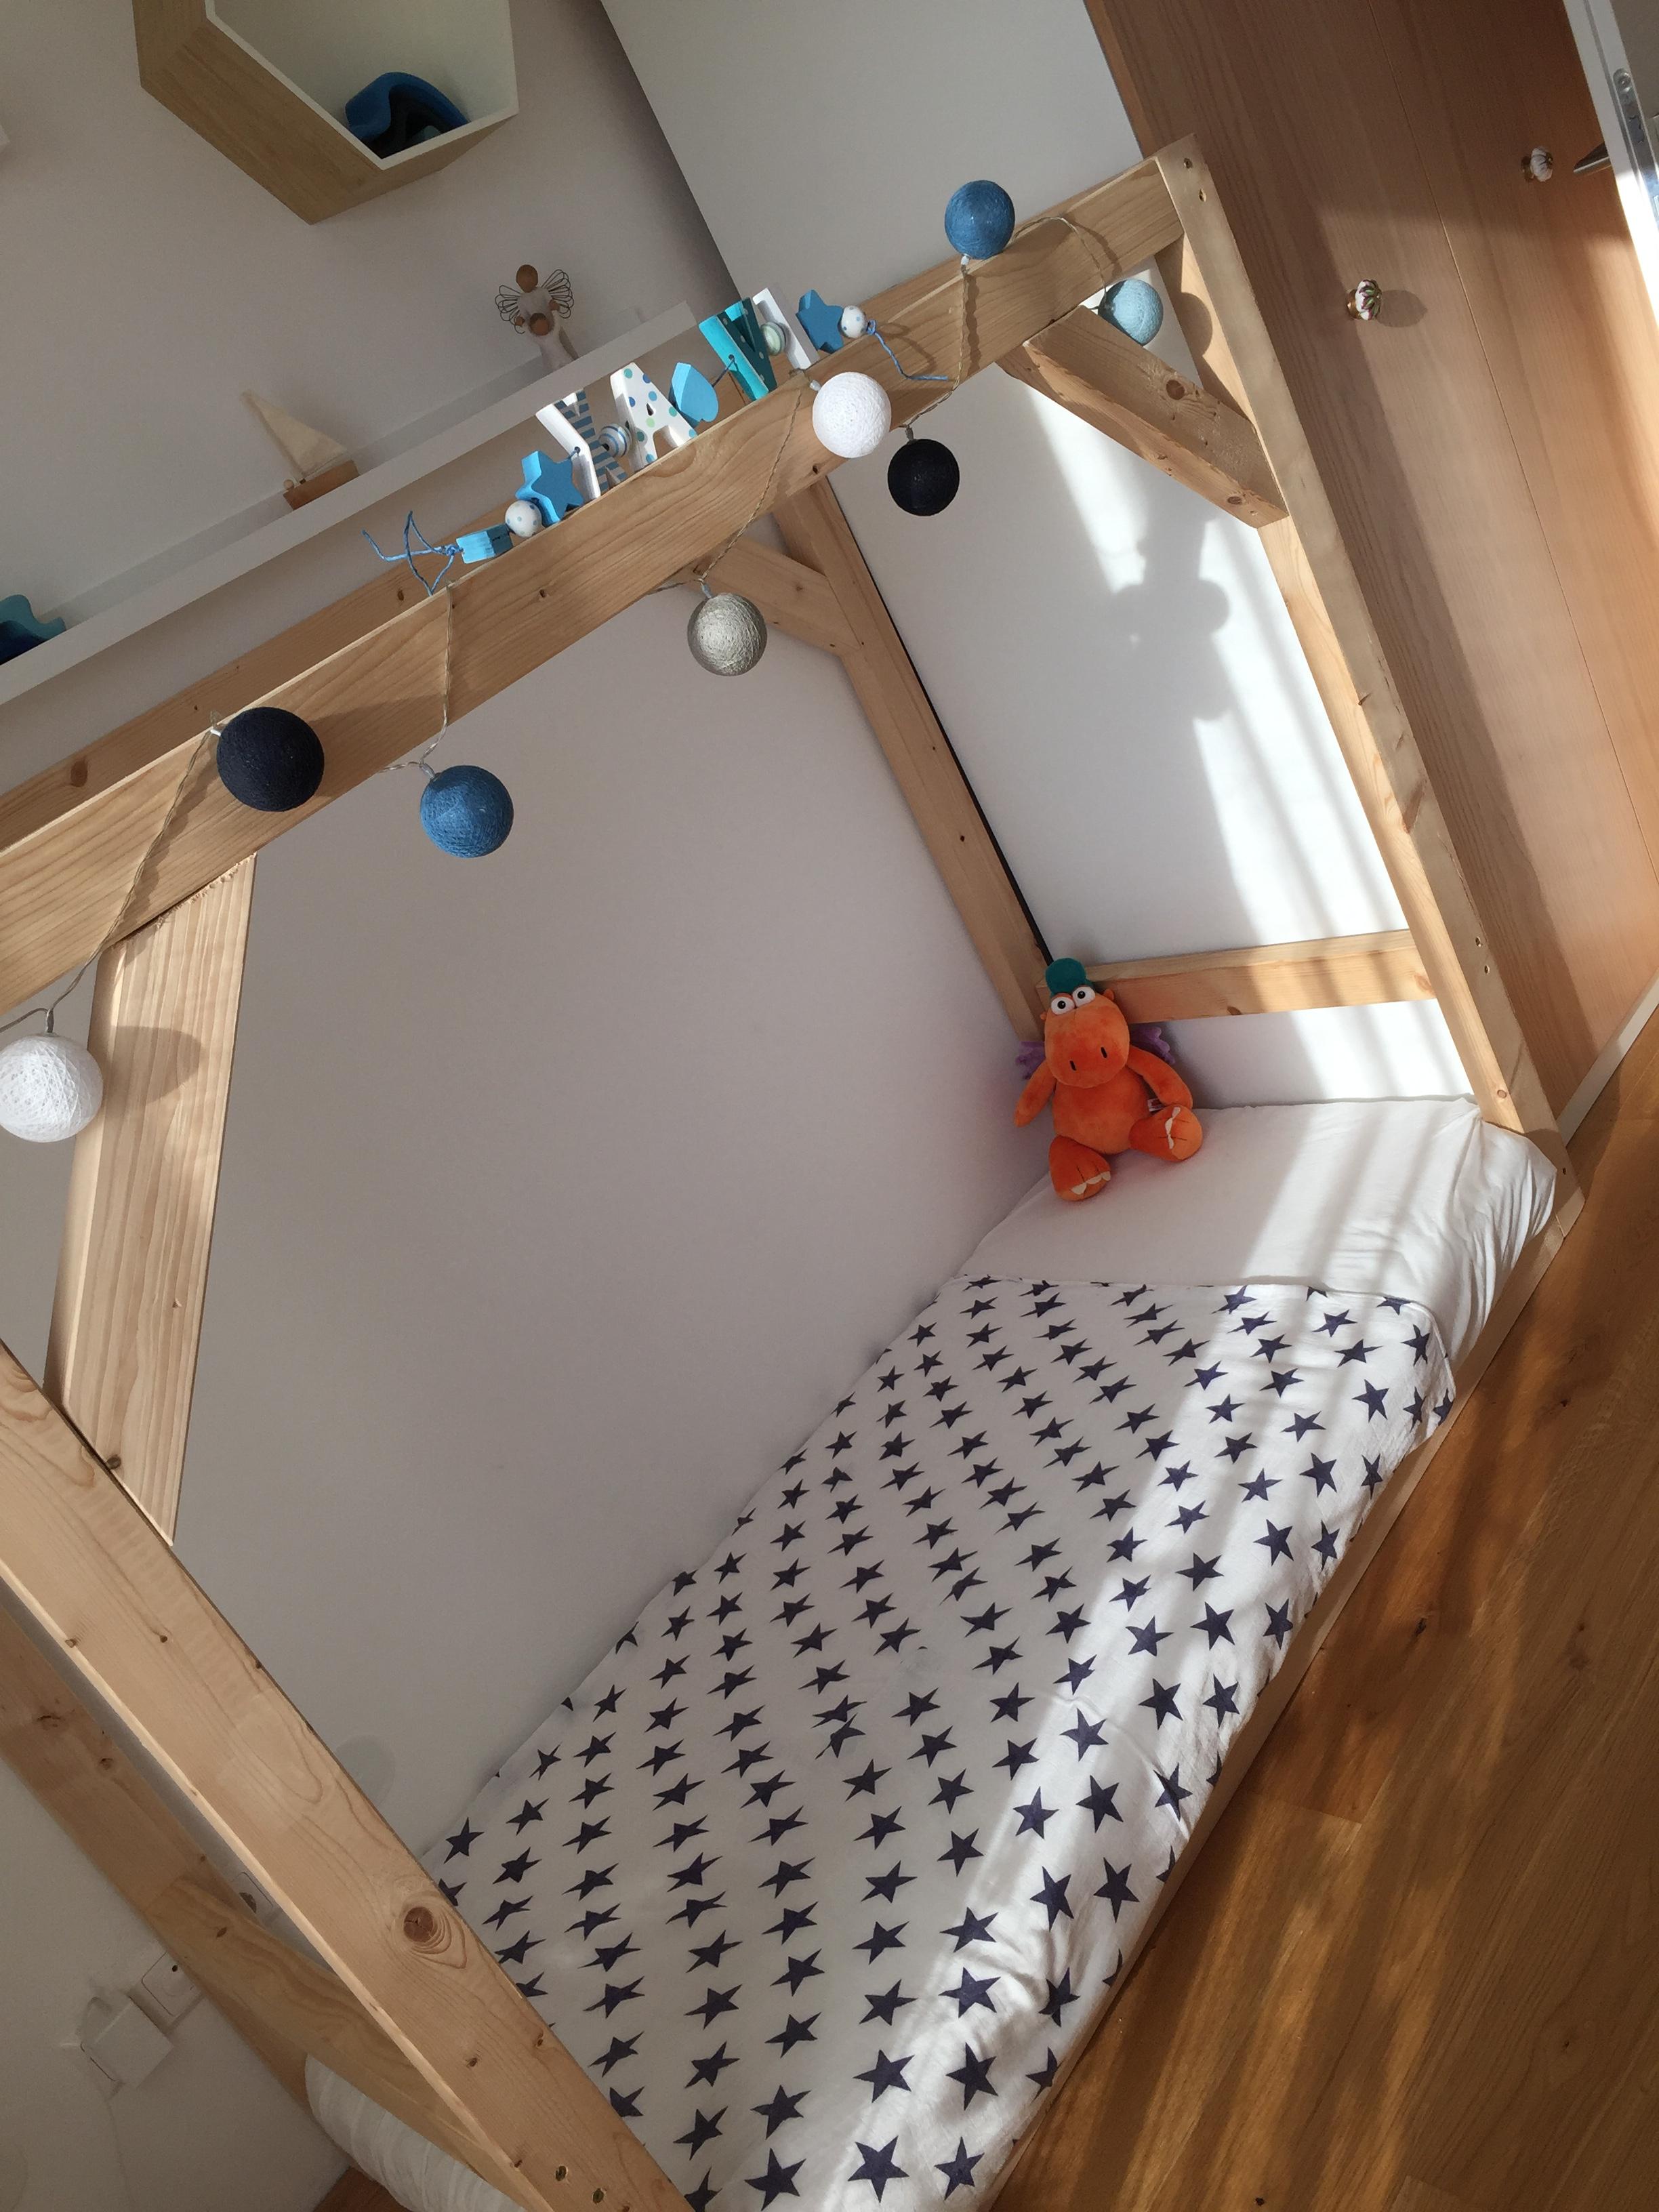 Matratzenlager familienbett  einfach.gemacht // Träum schön - das Geschwisterbett - Haus No.6